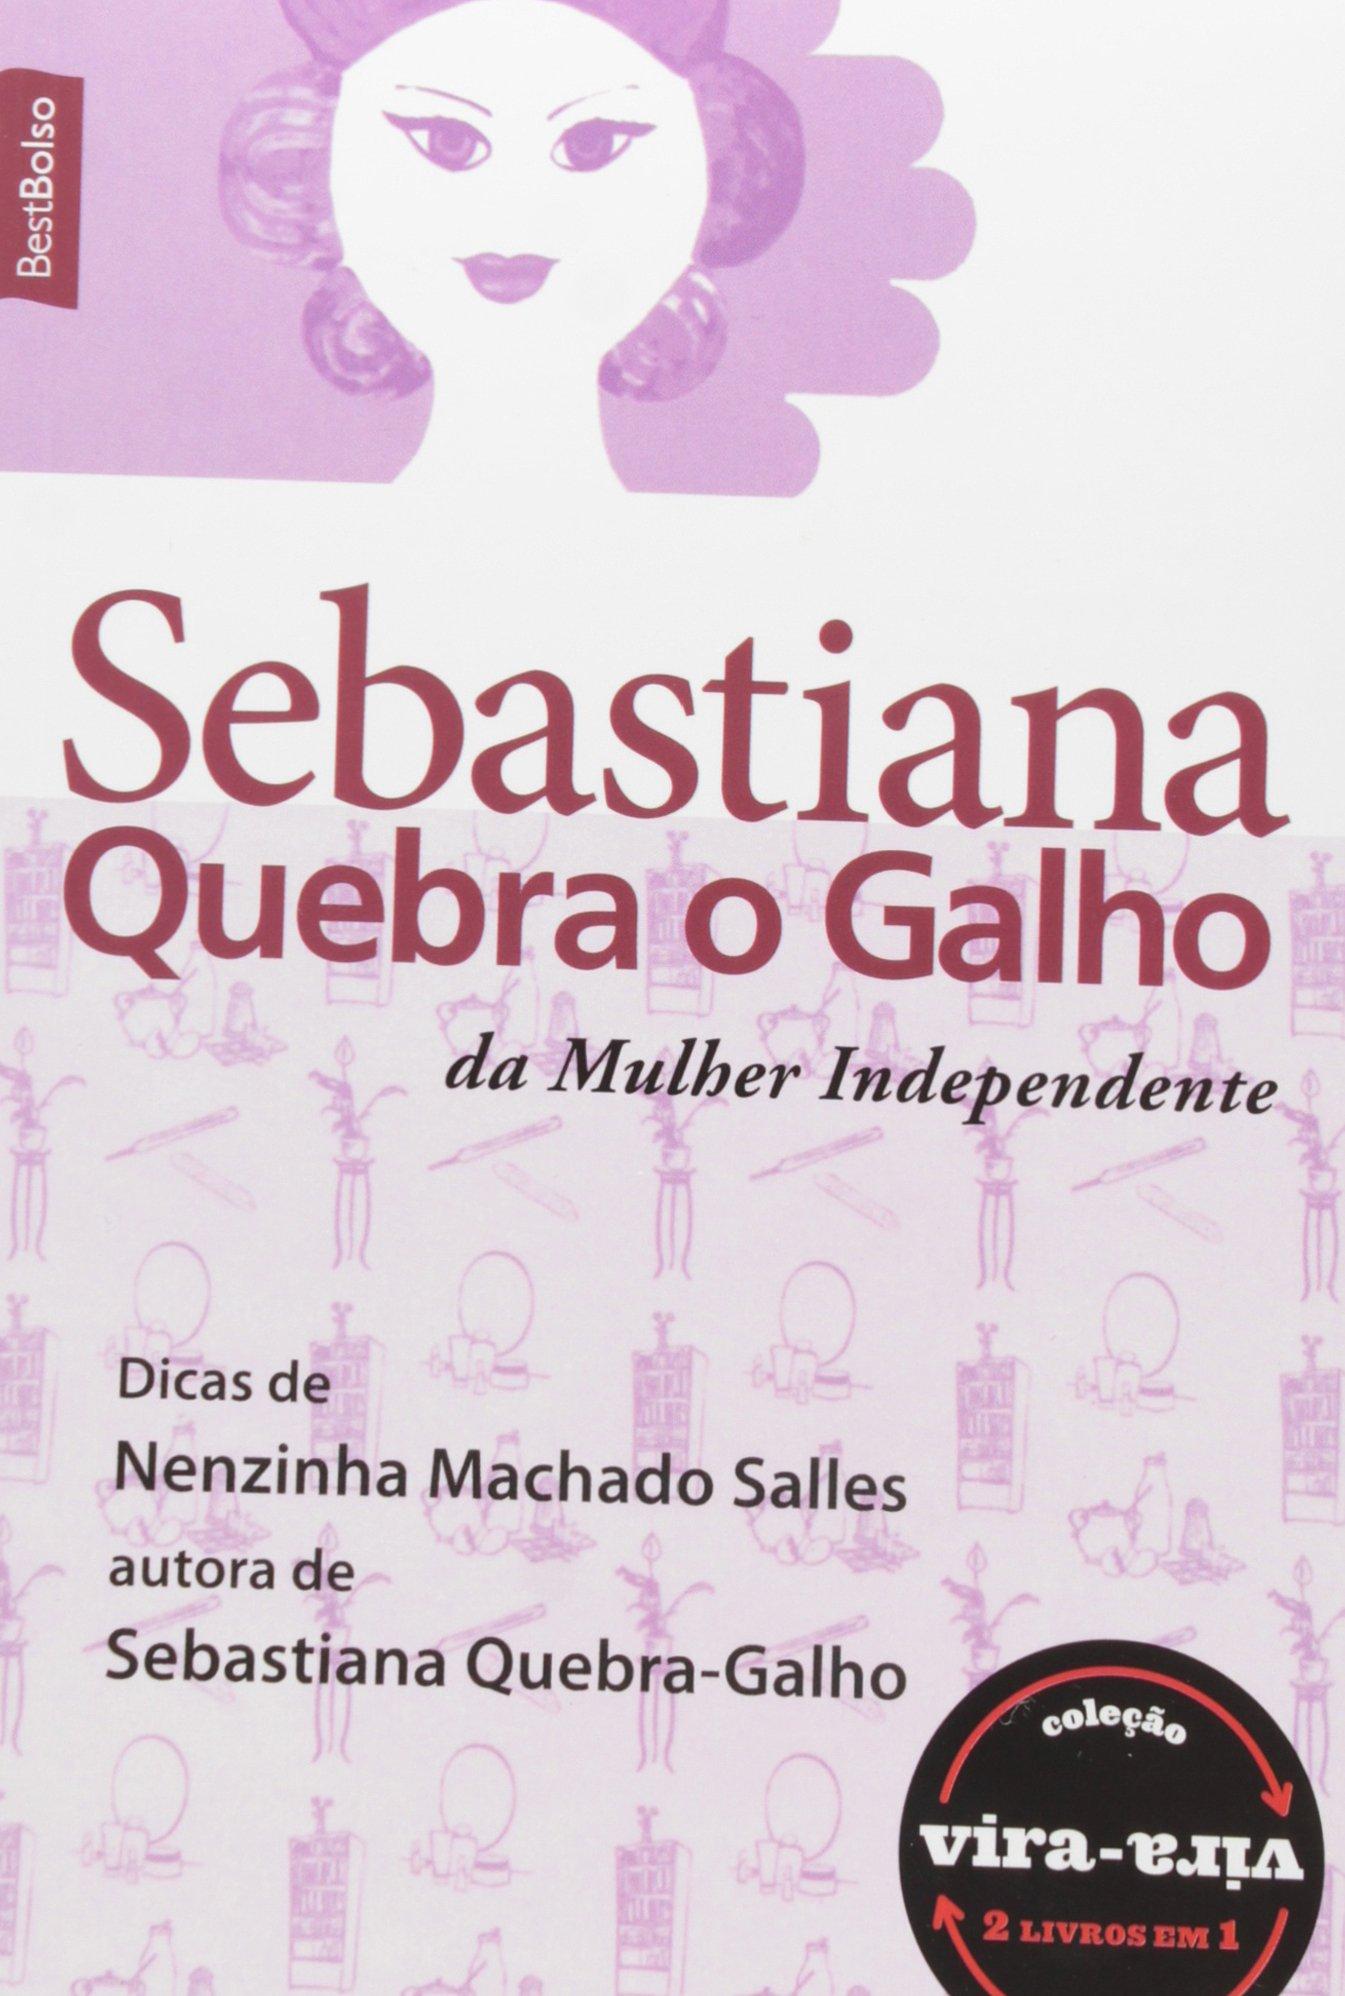 GALHO SEBASTIANA GRATUITO QUEBRA DOWNLOAD